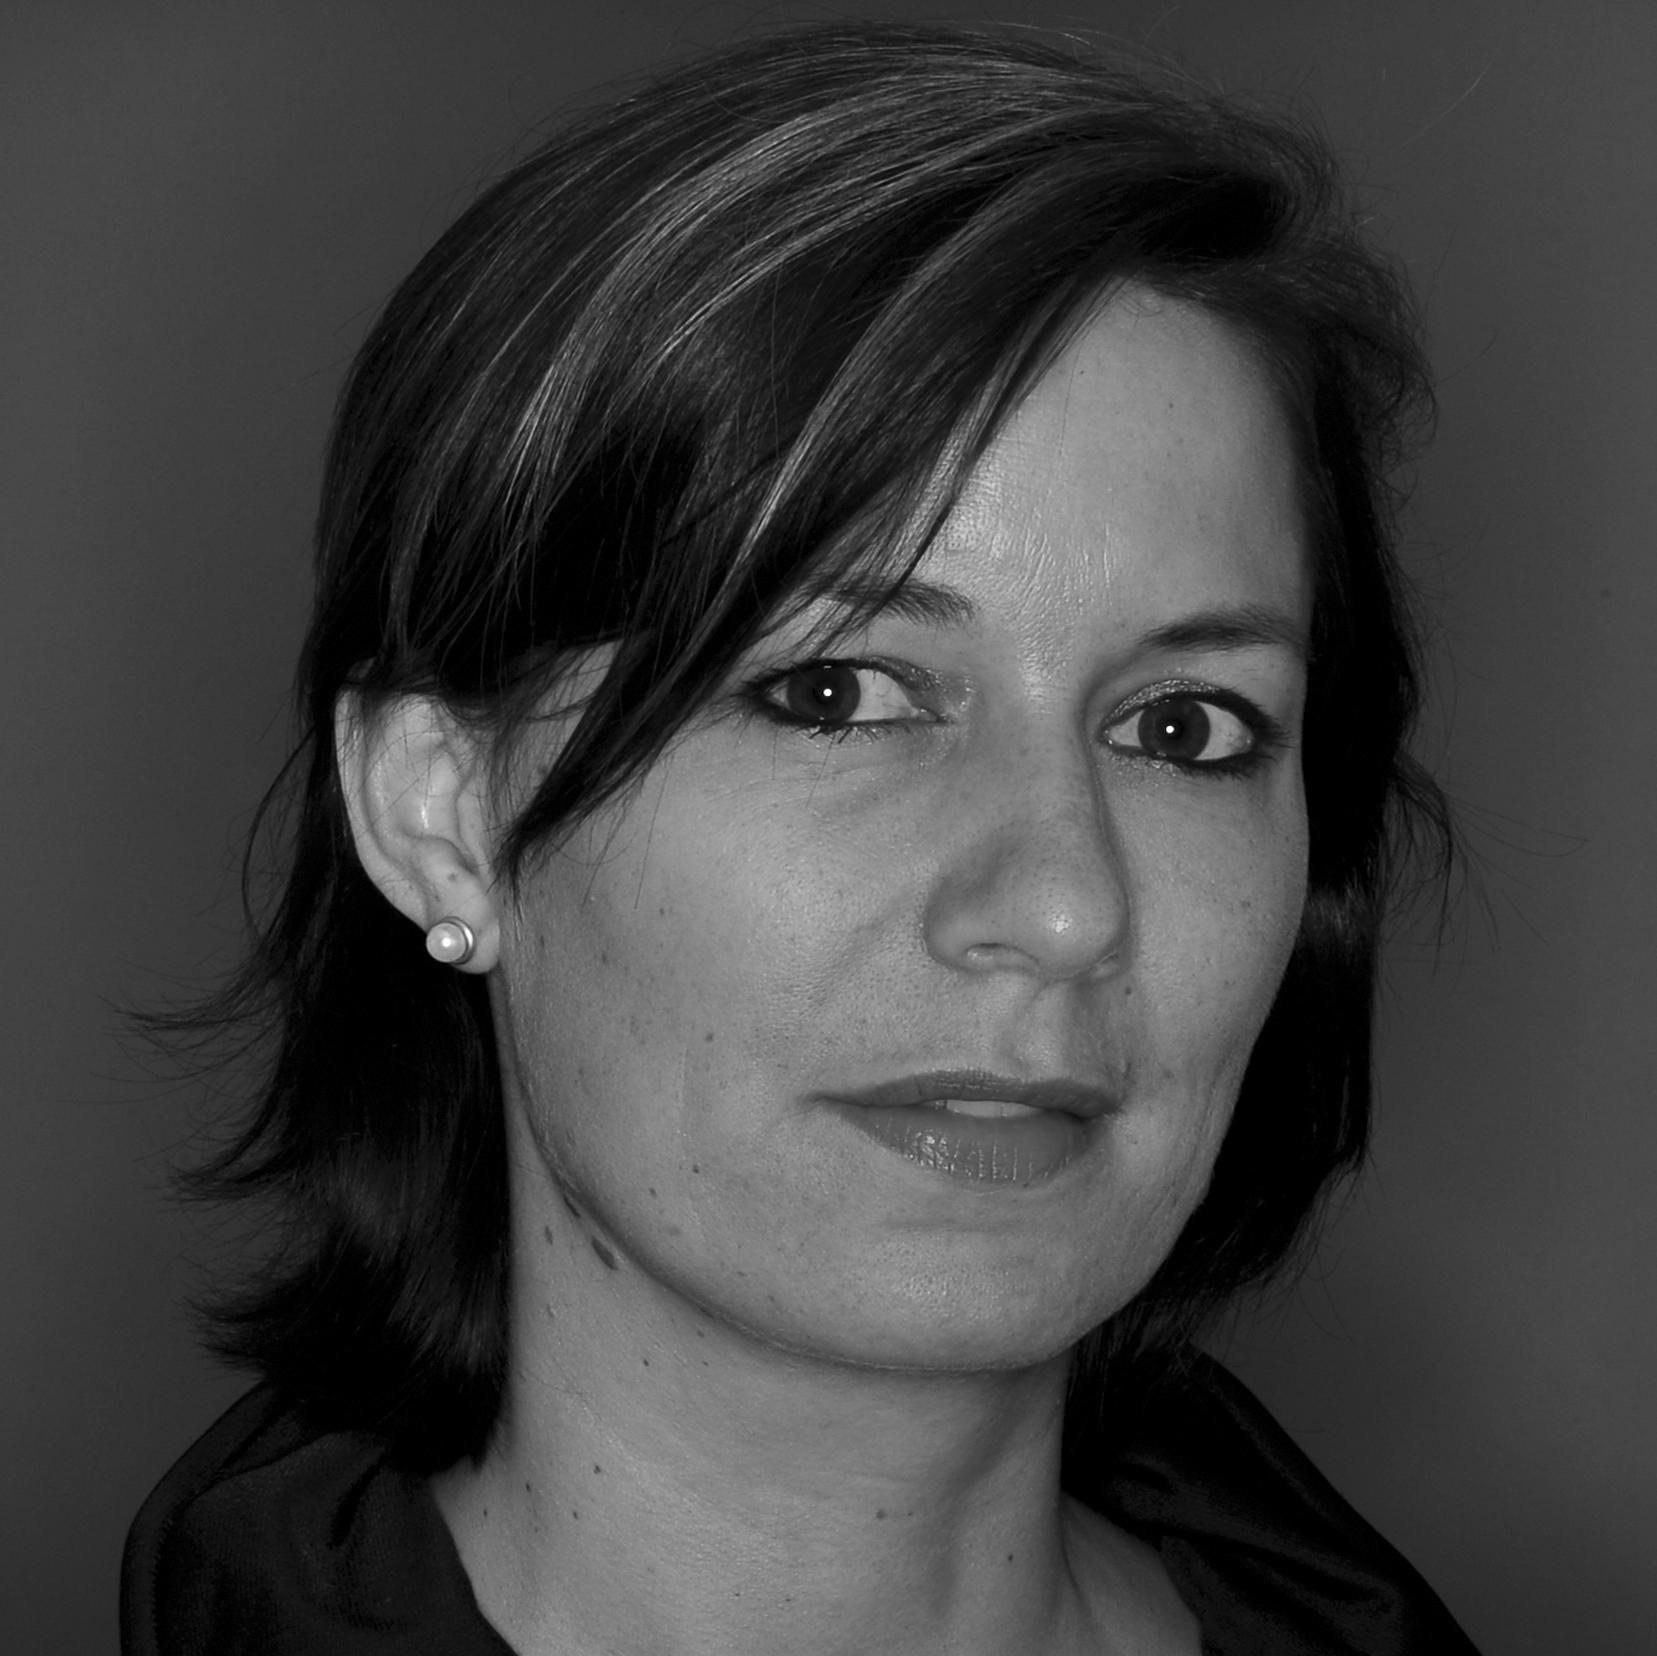 Manuela-Karin Knaut